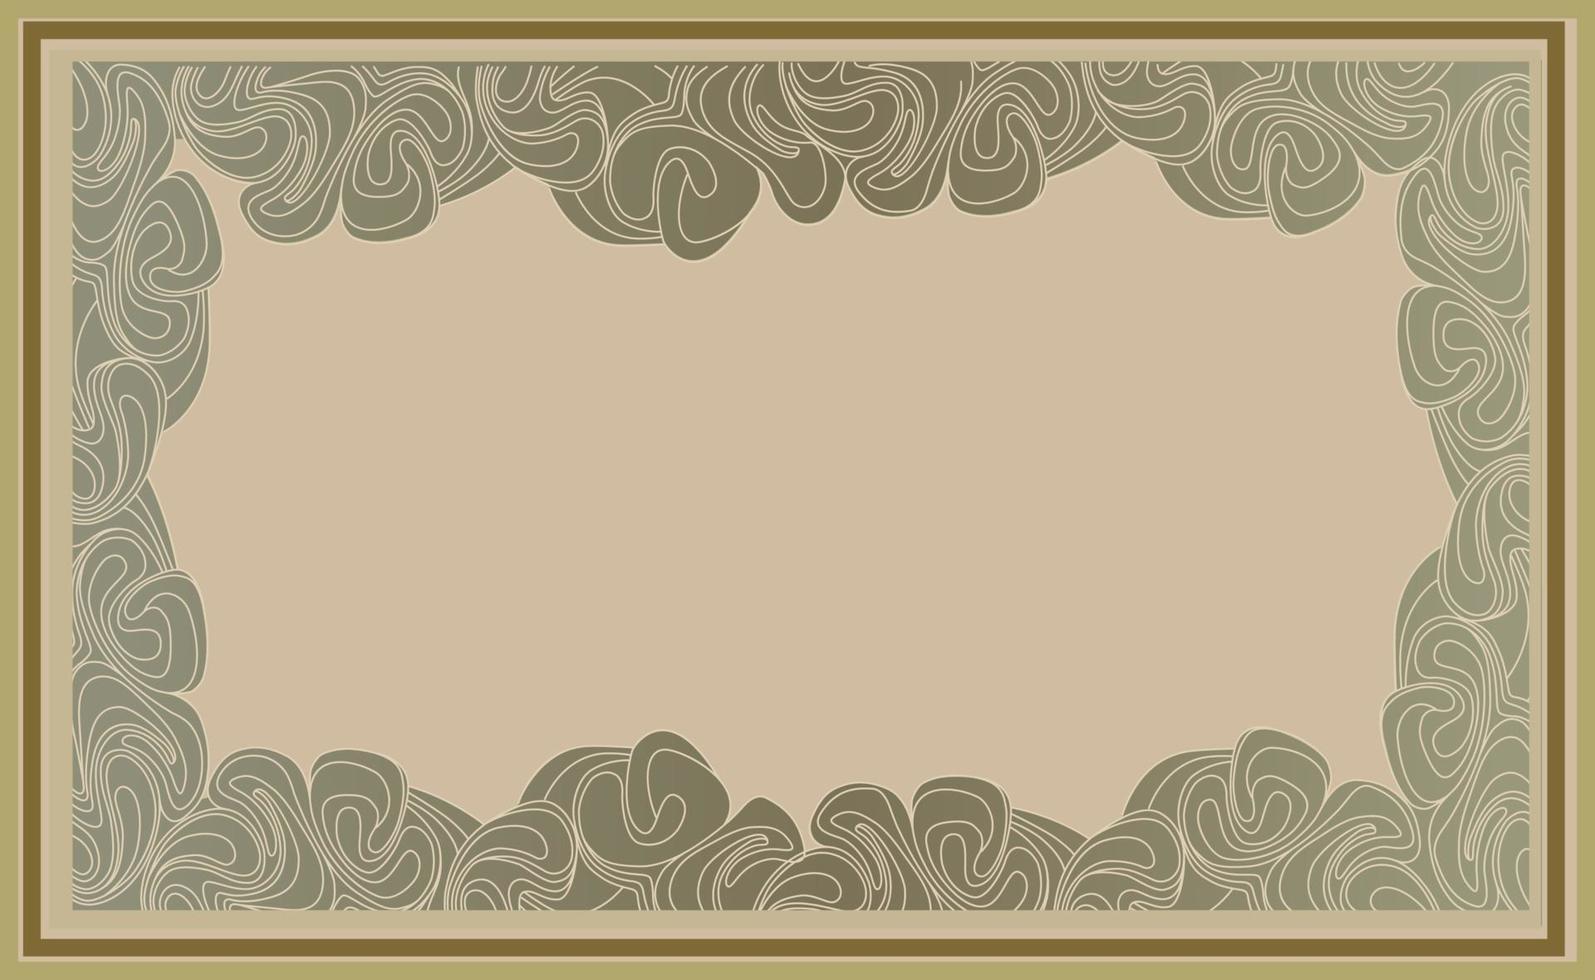 sfondo retrò con copia spazio per telaio. decorazioni di linee di turbinio in stile art déco. carta da parati elemento decorativo motivo floreale. vettore